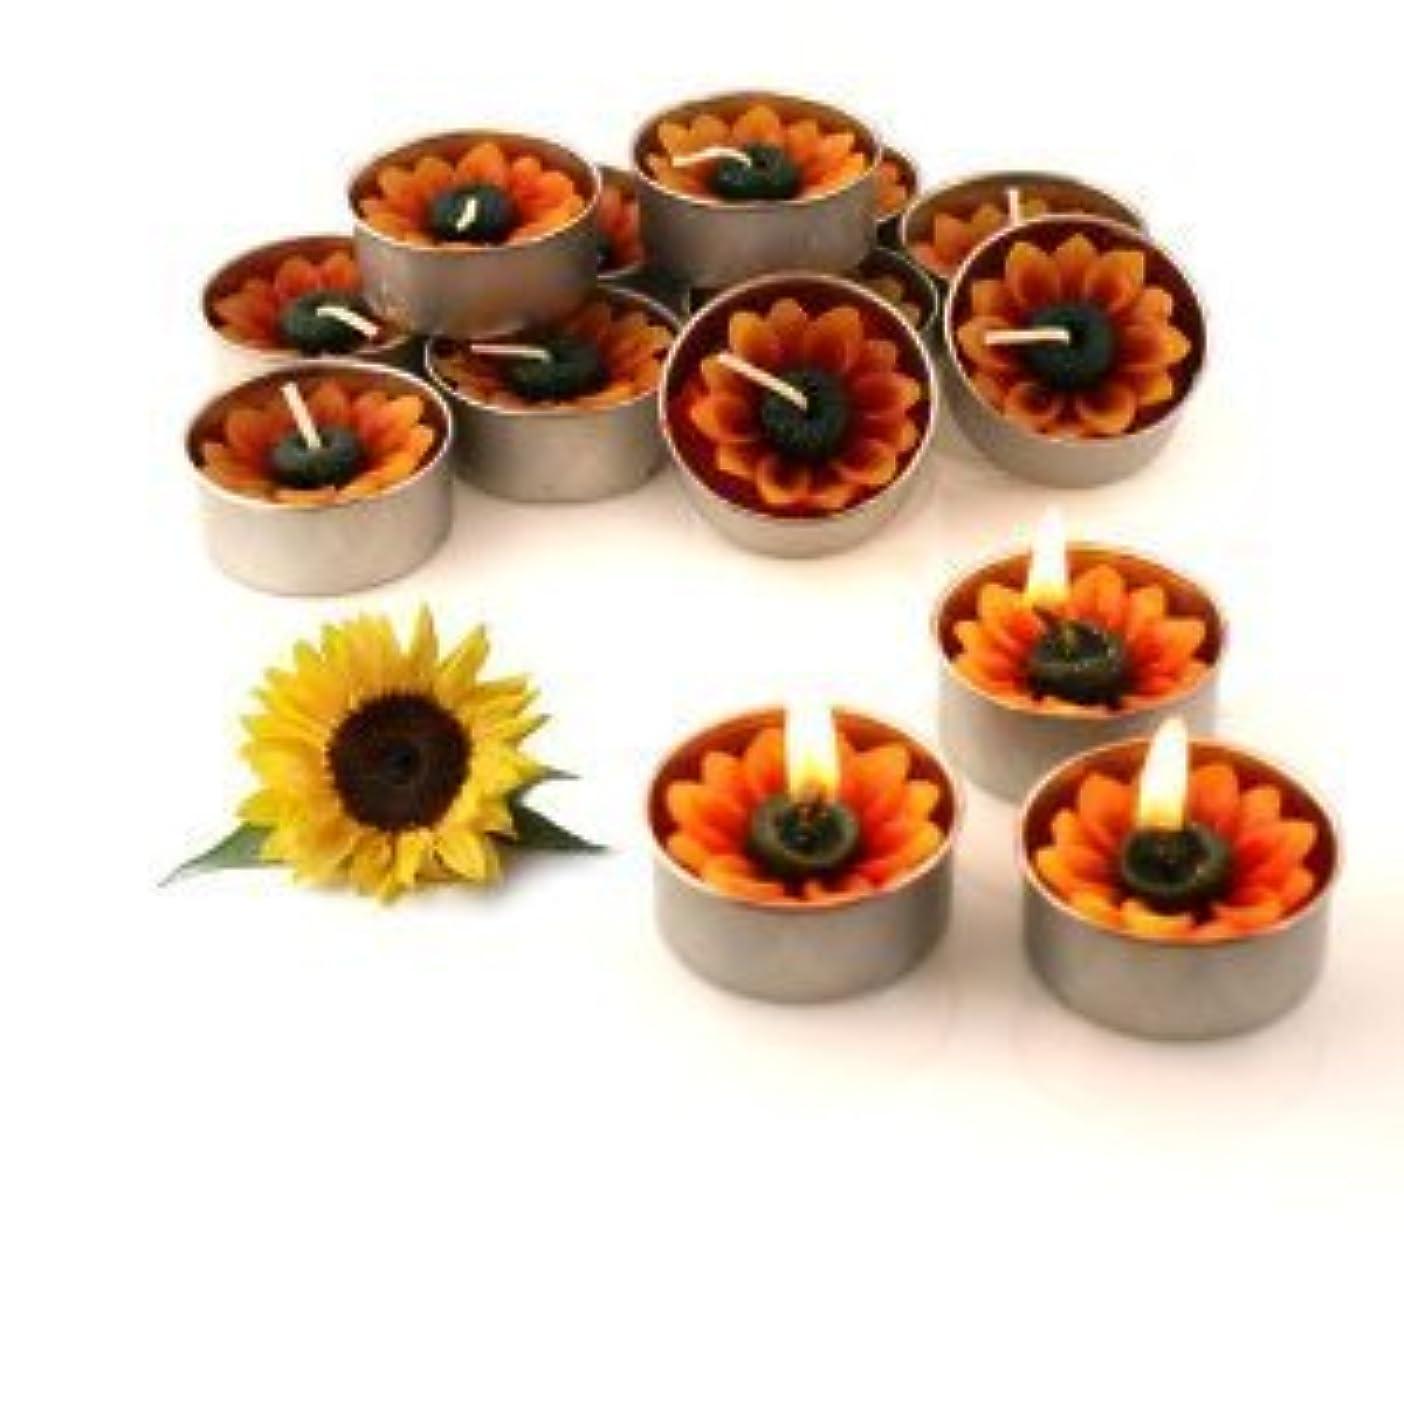 ベリリア王病なRelax Spa Shop @ Sun Flower Candle in Tea Lights , Floating Candles, Scented Tea Lights ,Aromatherapy Relax (Sun...